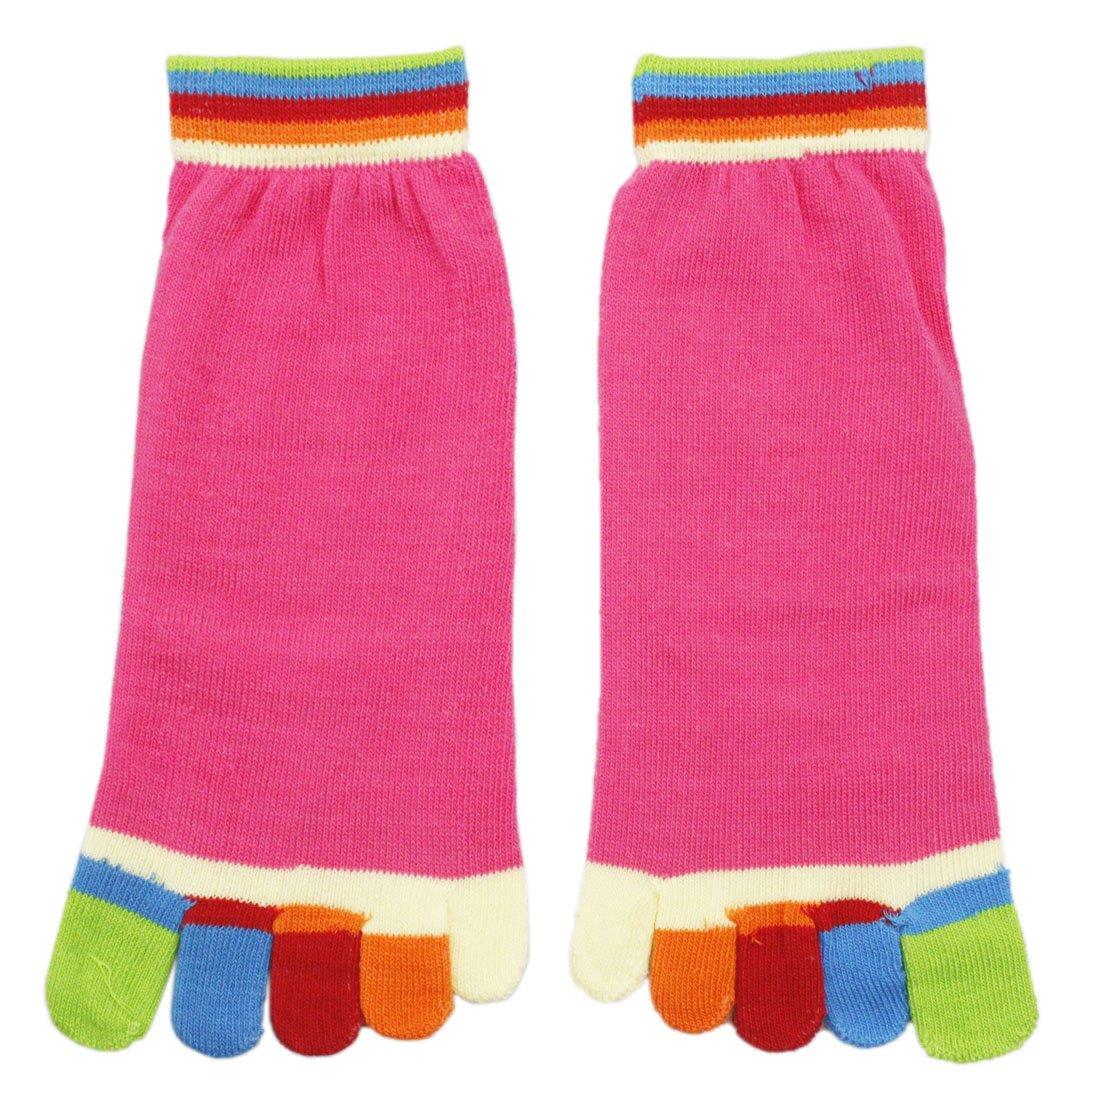 Blanc – Lot de 4 paires de chaussettes en coton pour femme Antidérapantes  Respirantes 5 orteils Yoga Pilates Gym  Amazon.fr  Sports et Loisirs 74be6f4ecb1